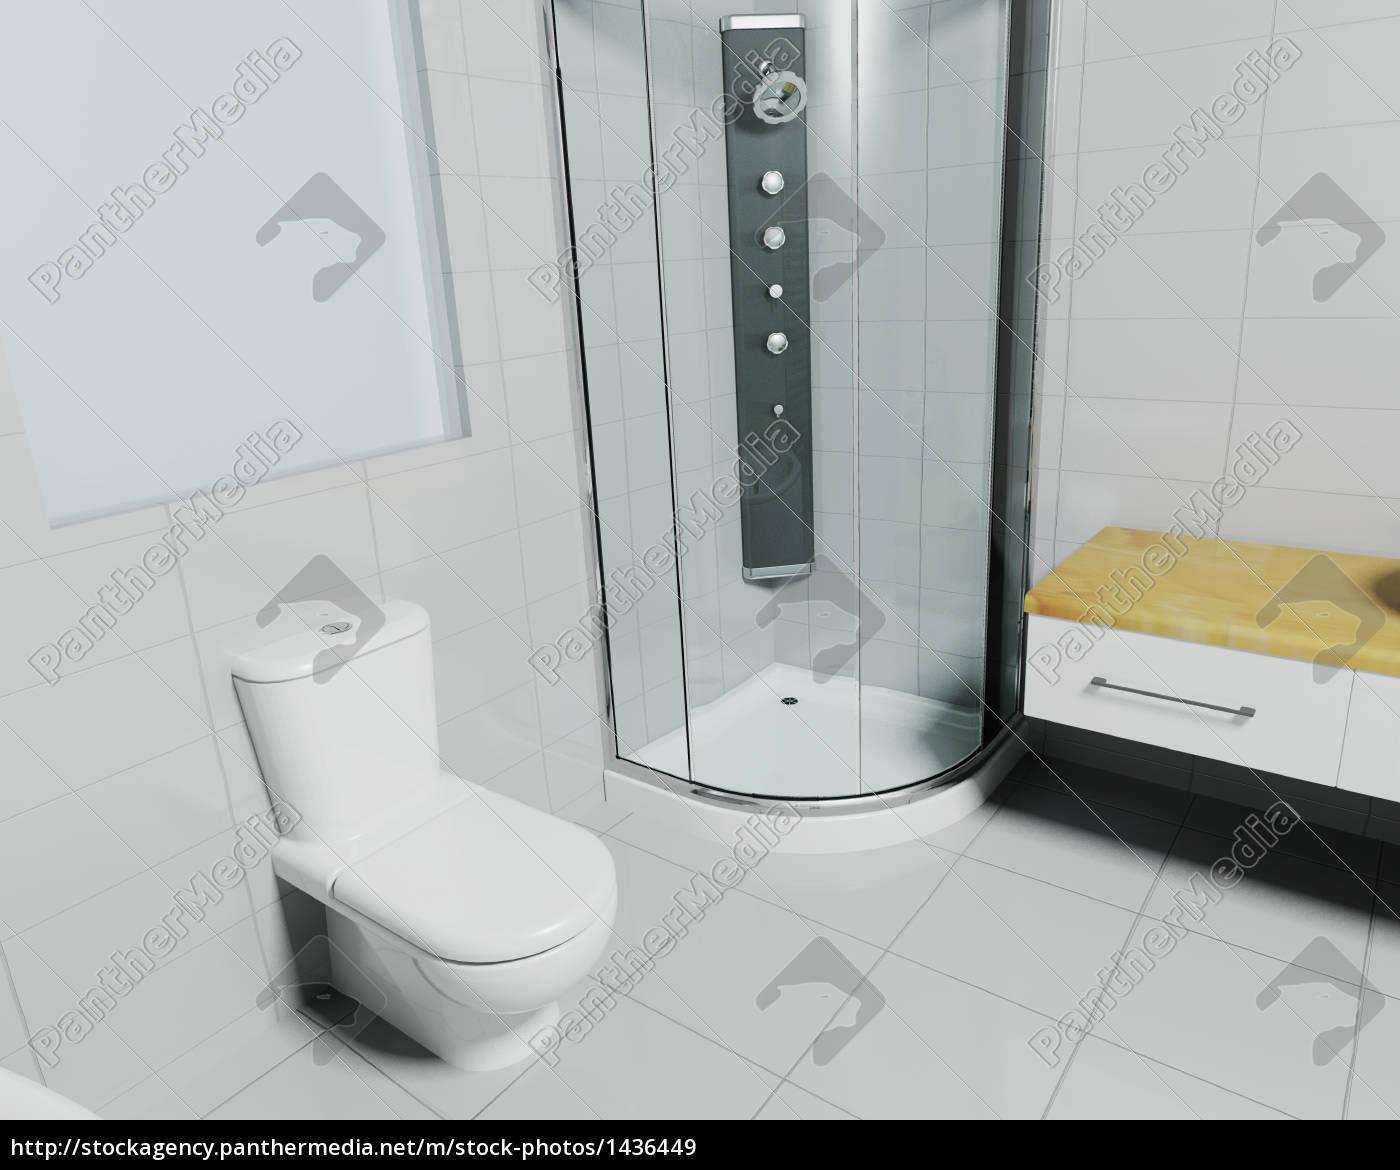 contemporary, bathroom - 1436449